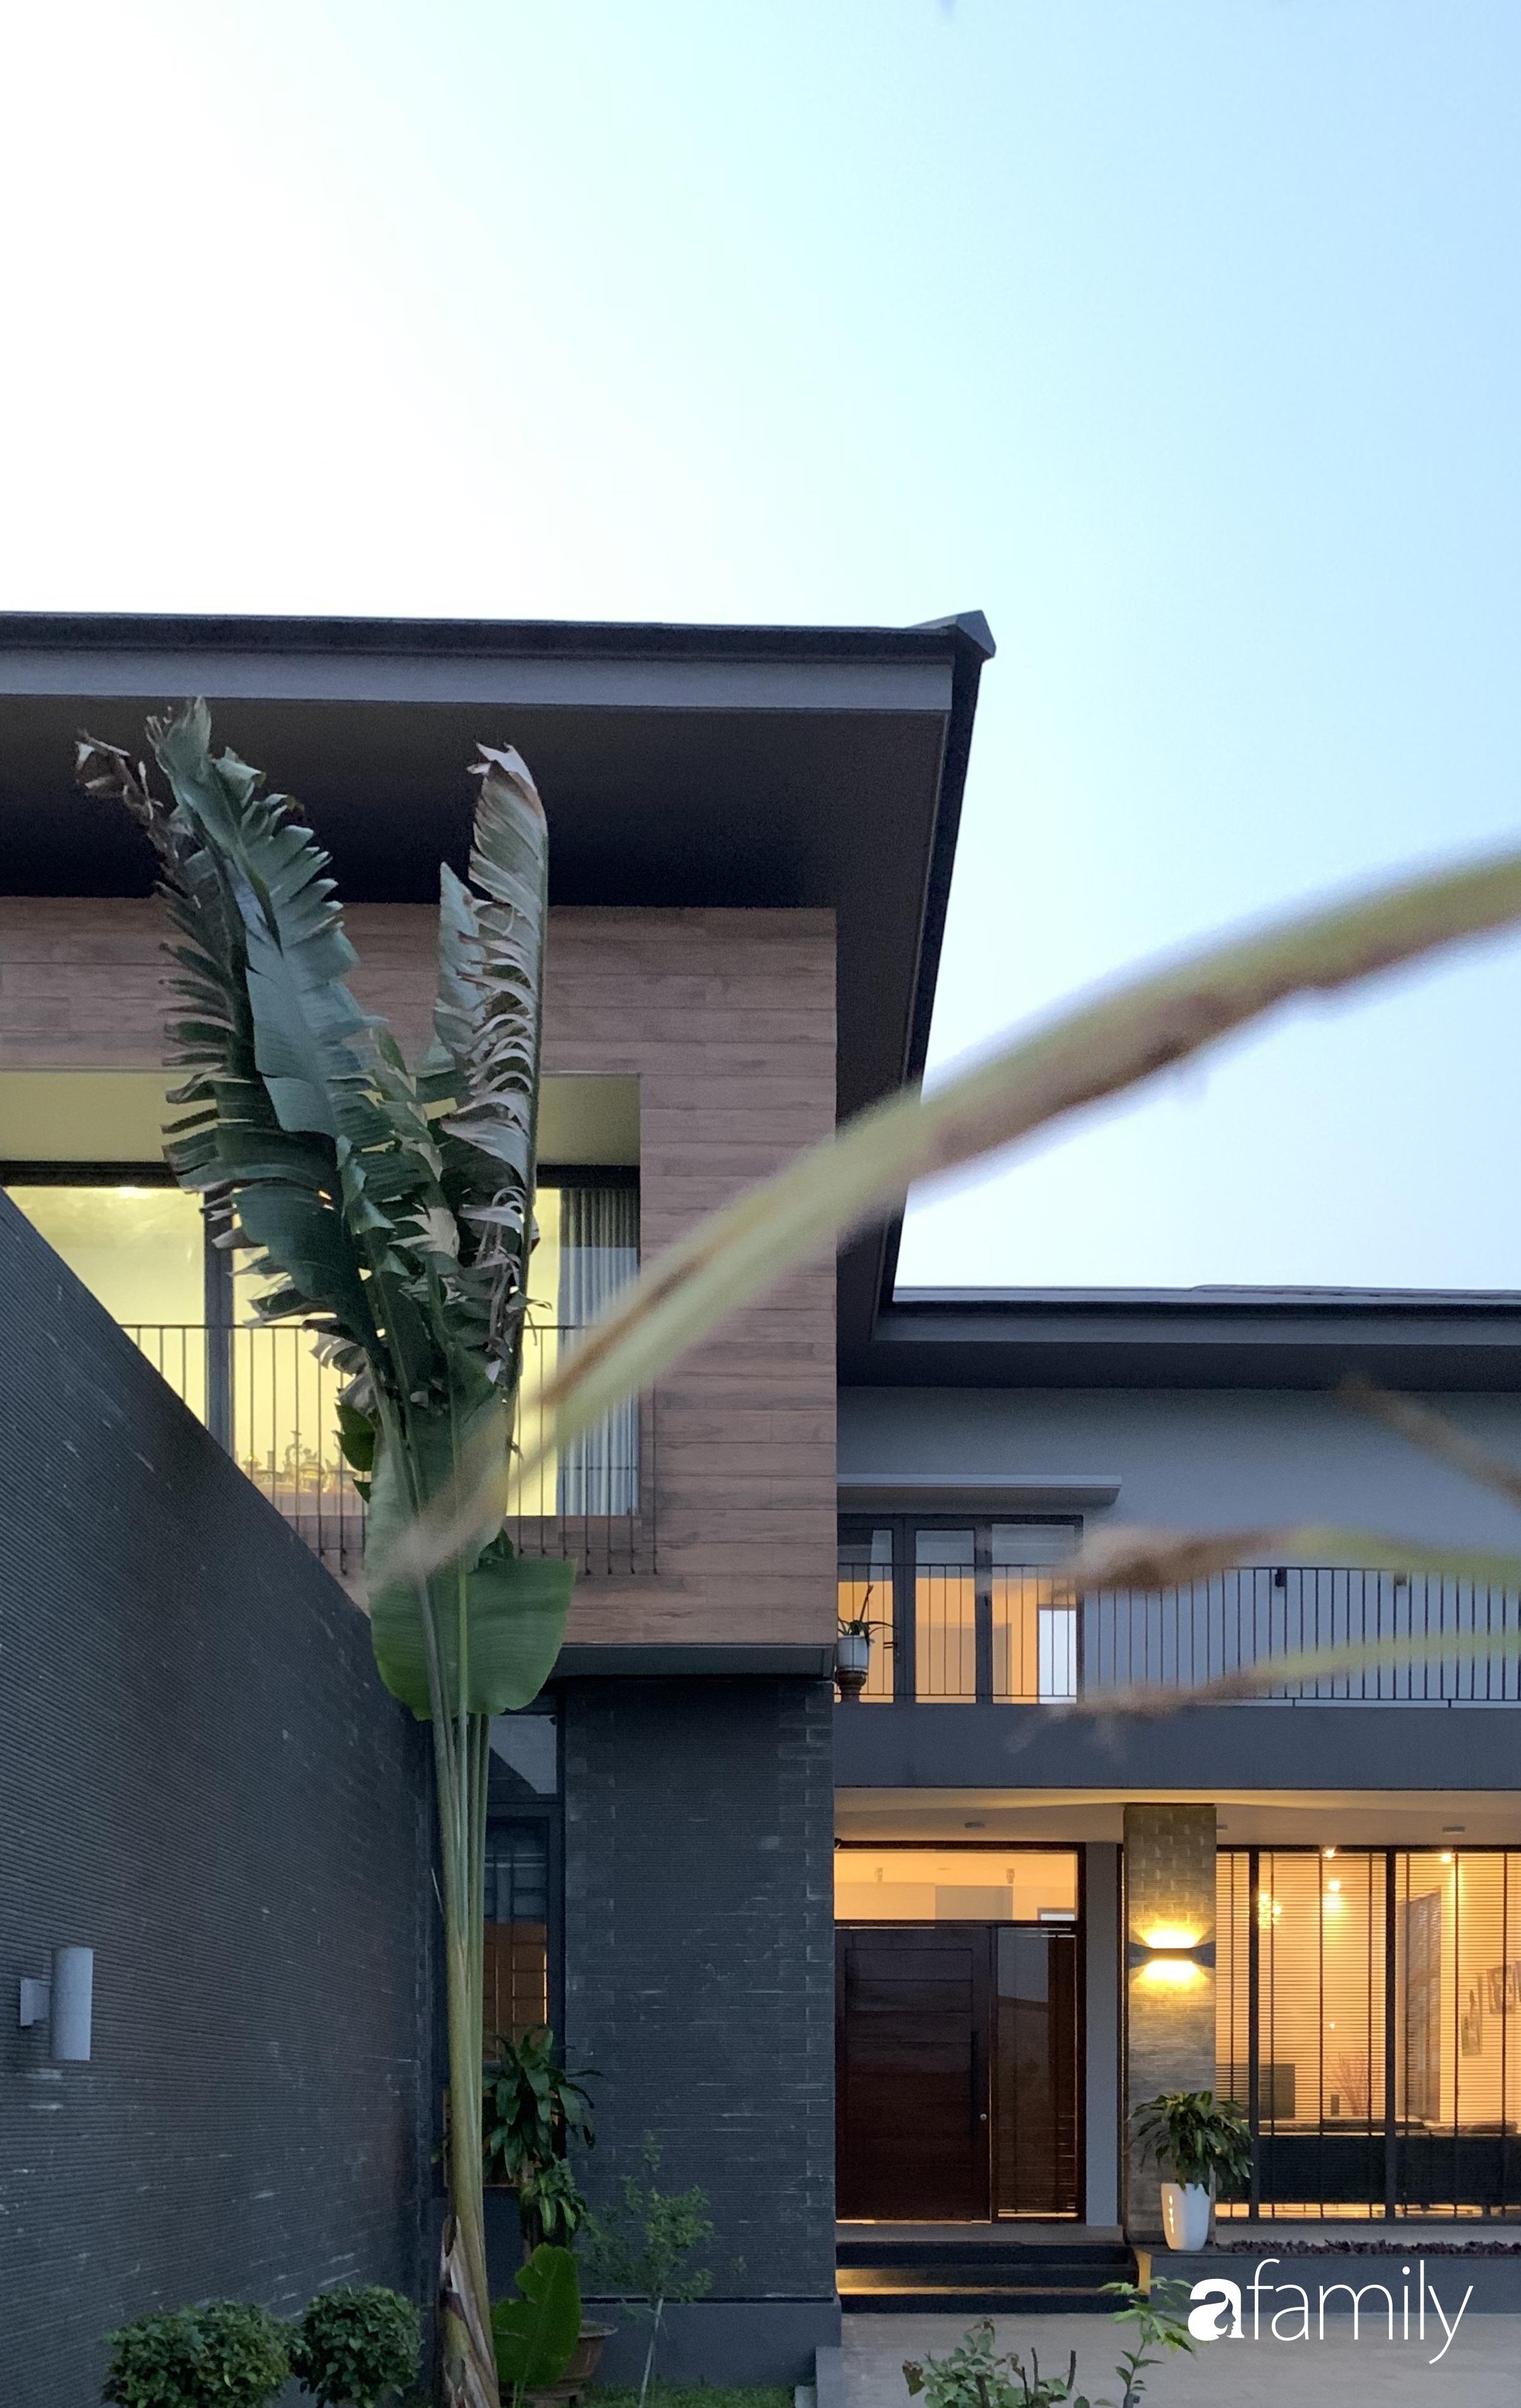 Con trai là KTS xây nhà 2 tầng nhìn thẳng ra cánh đồng lúa với thiết kế tiện dụng cho bố mẹ già ở Hà Tĩnh - Ảnh 8.